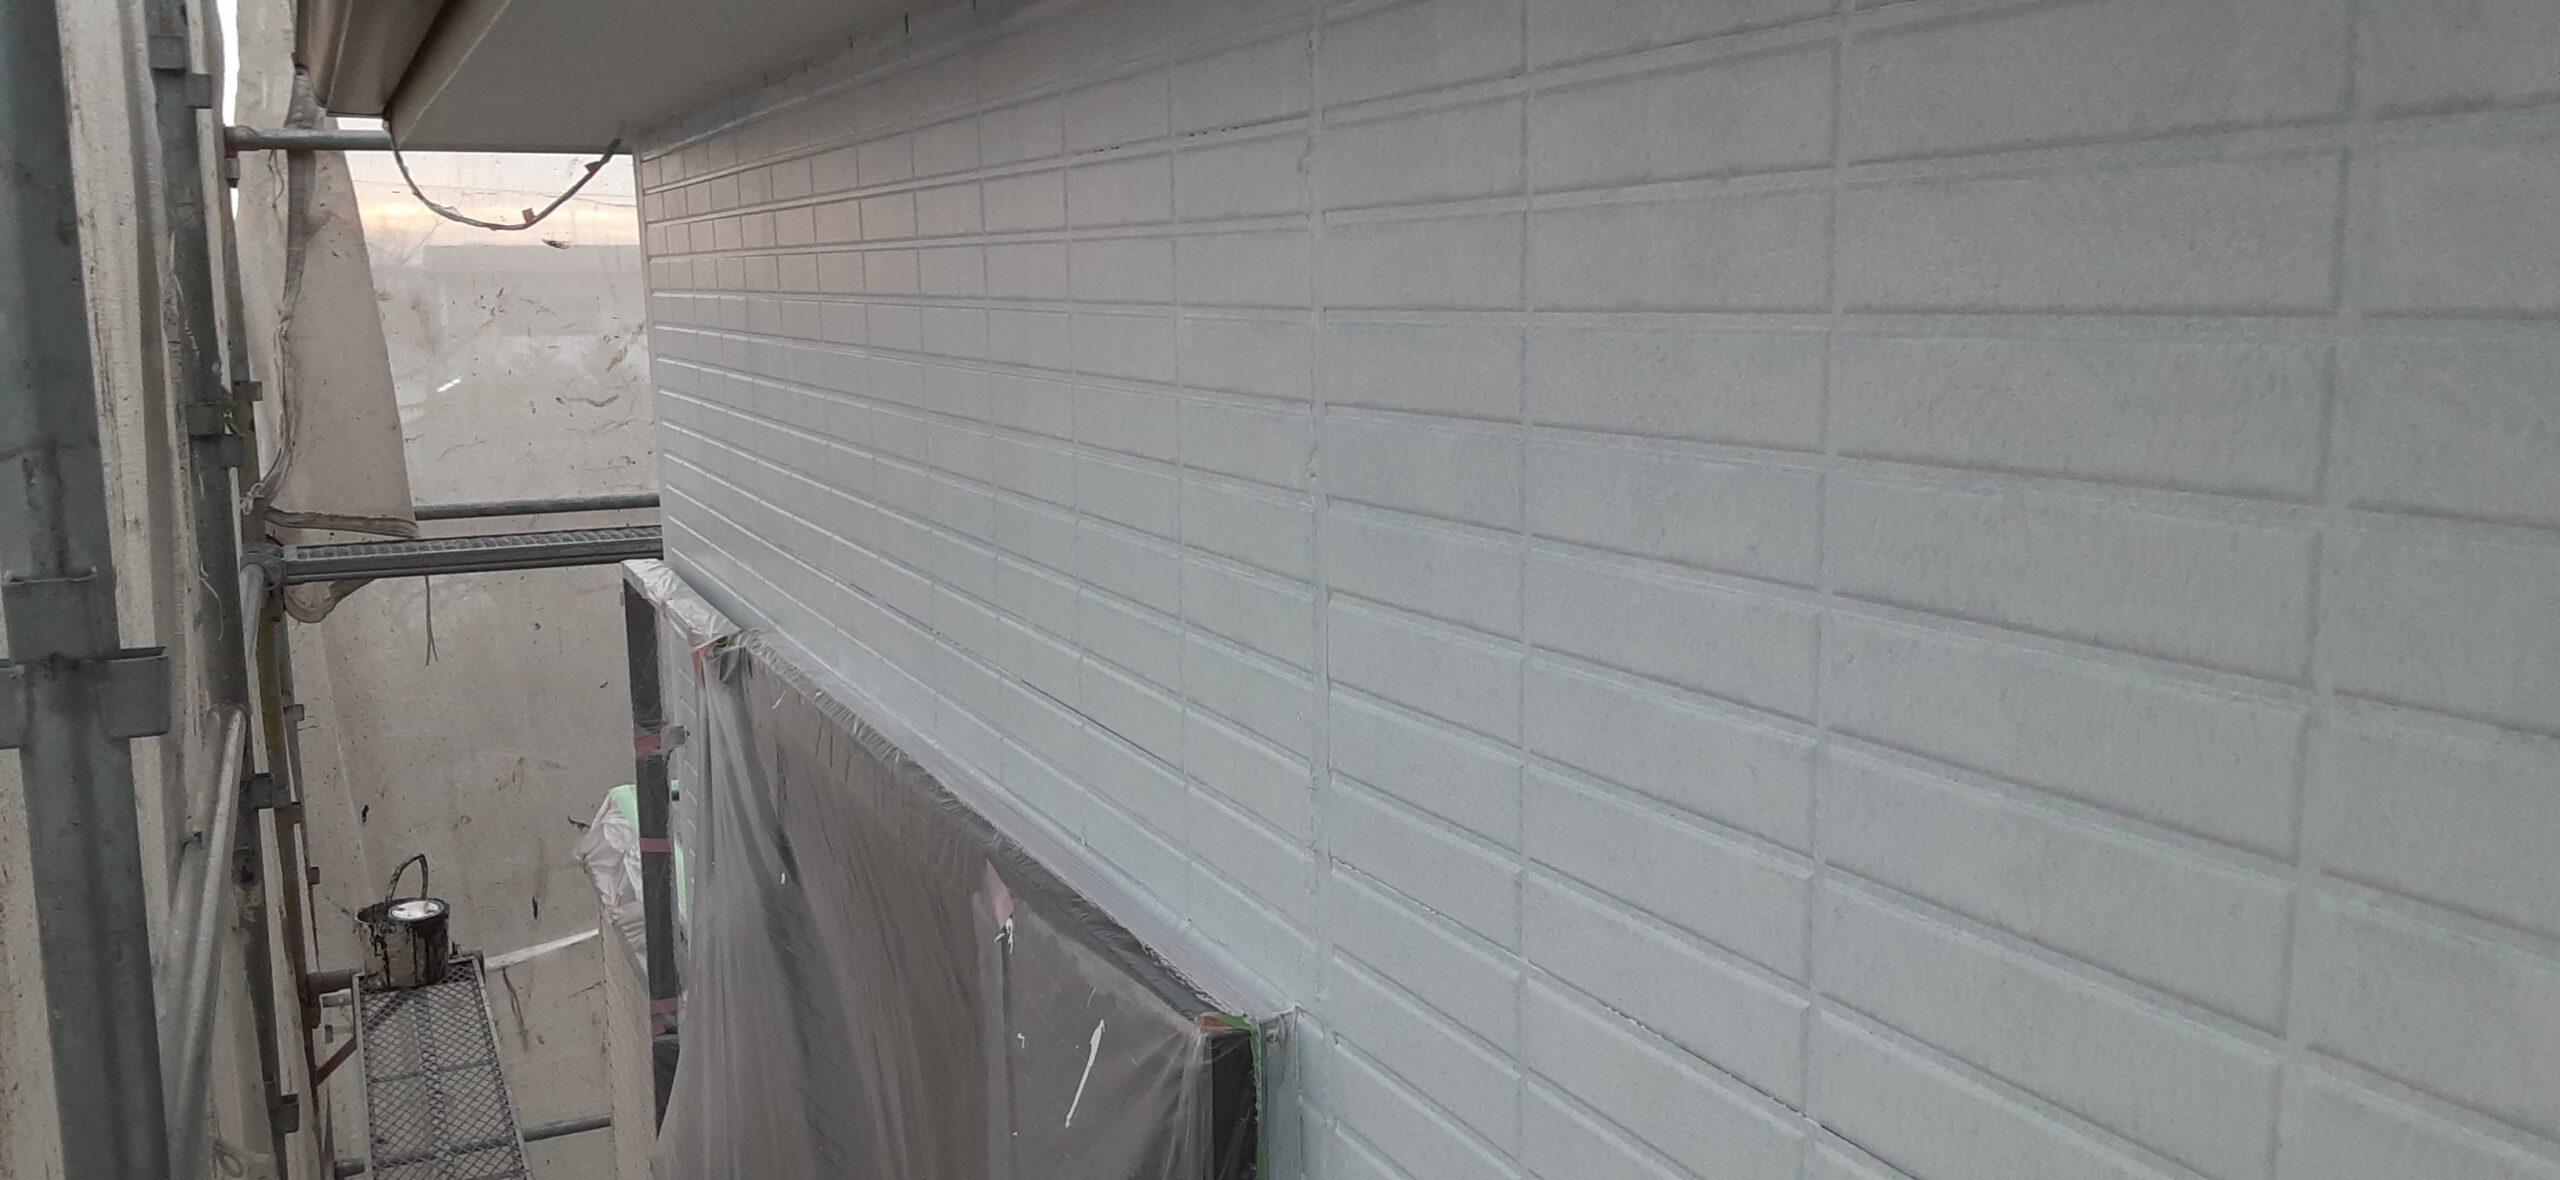 埼玉県さいたま市 外壁塗装の養生、屋根の中塗り塗装、軒天の塗装/さいたま市岩槻区の(木造2階建て)M様邸にて塗り替えリホーム中